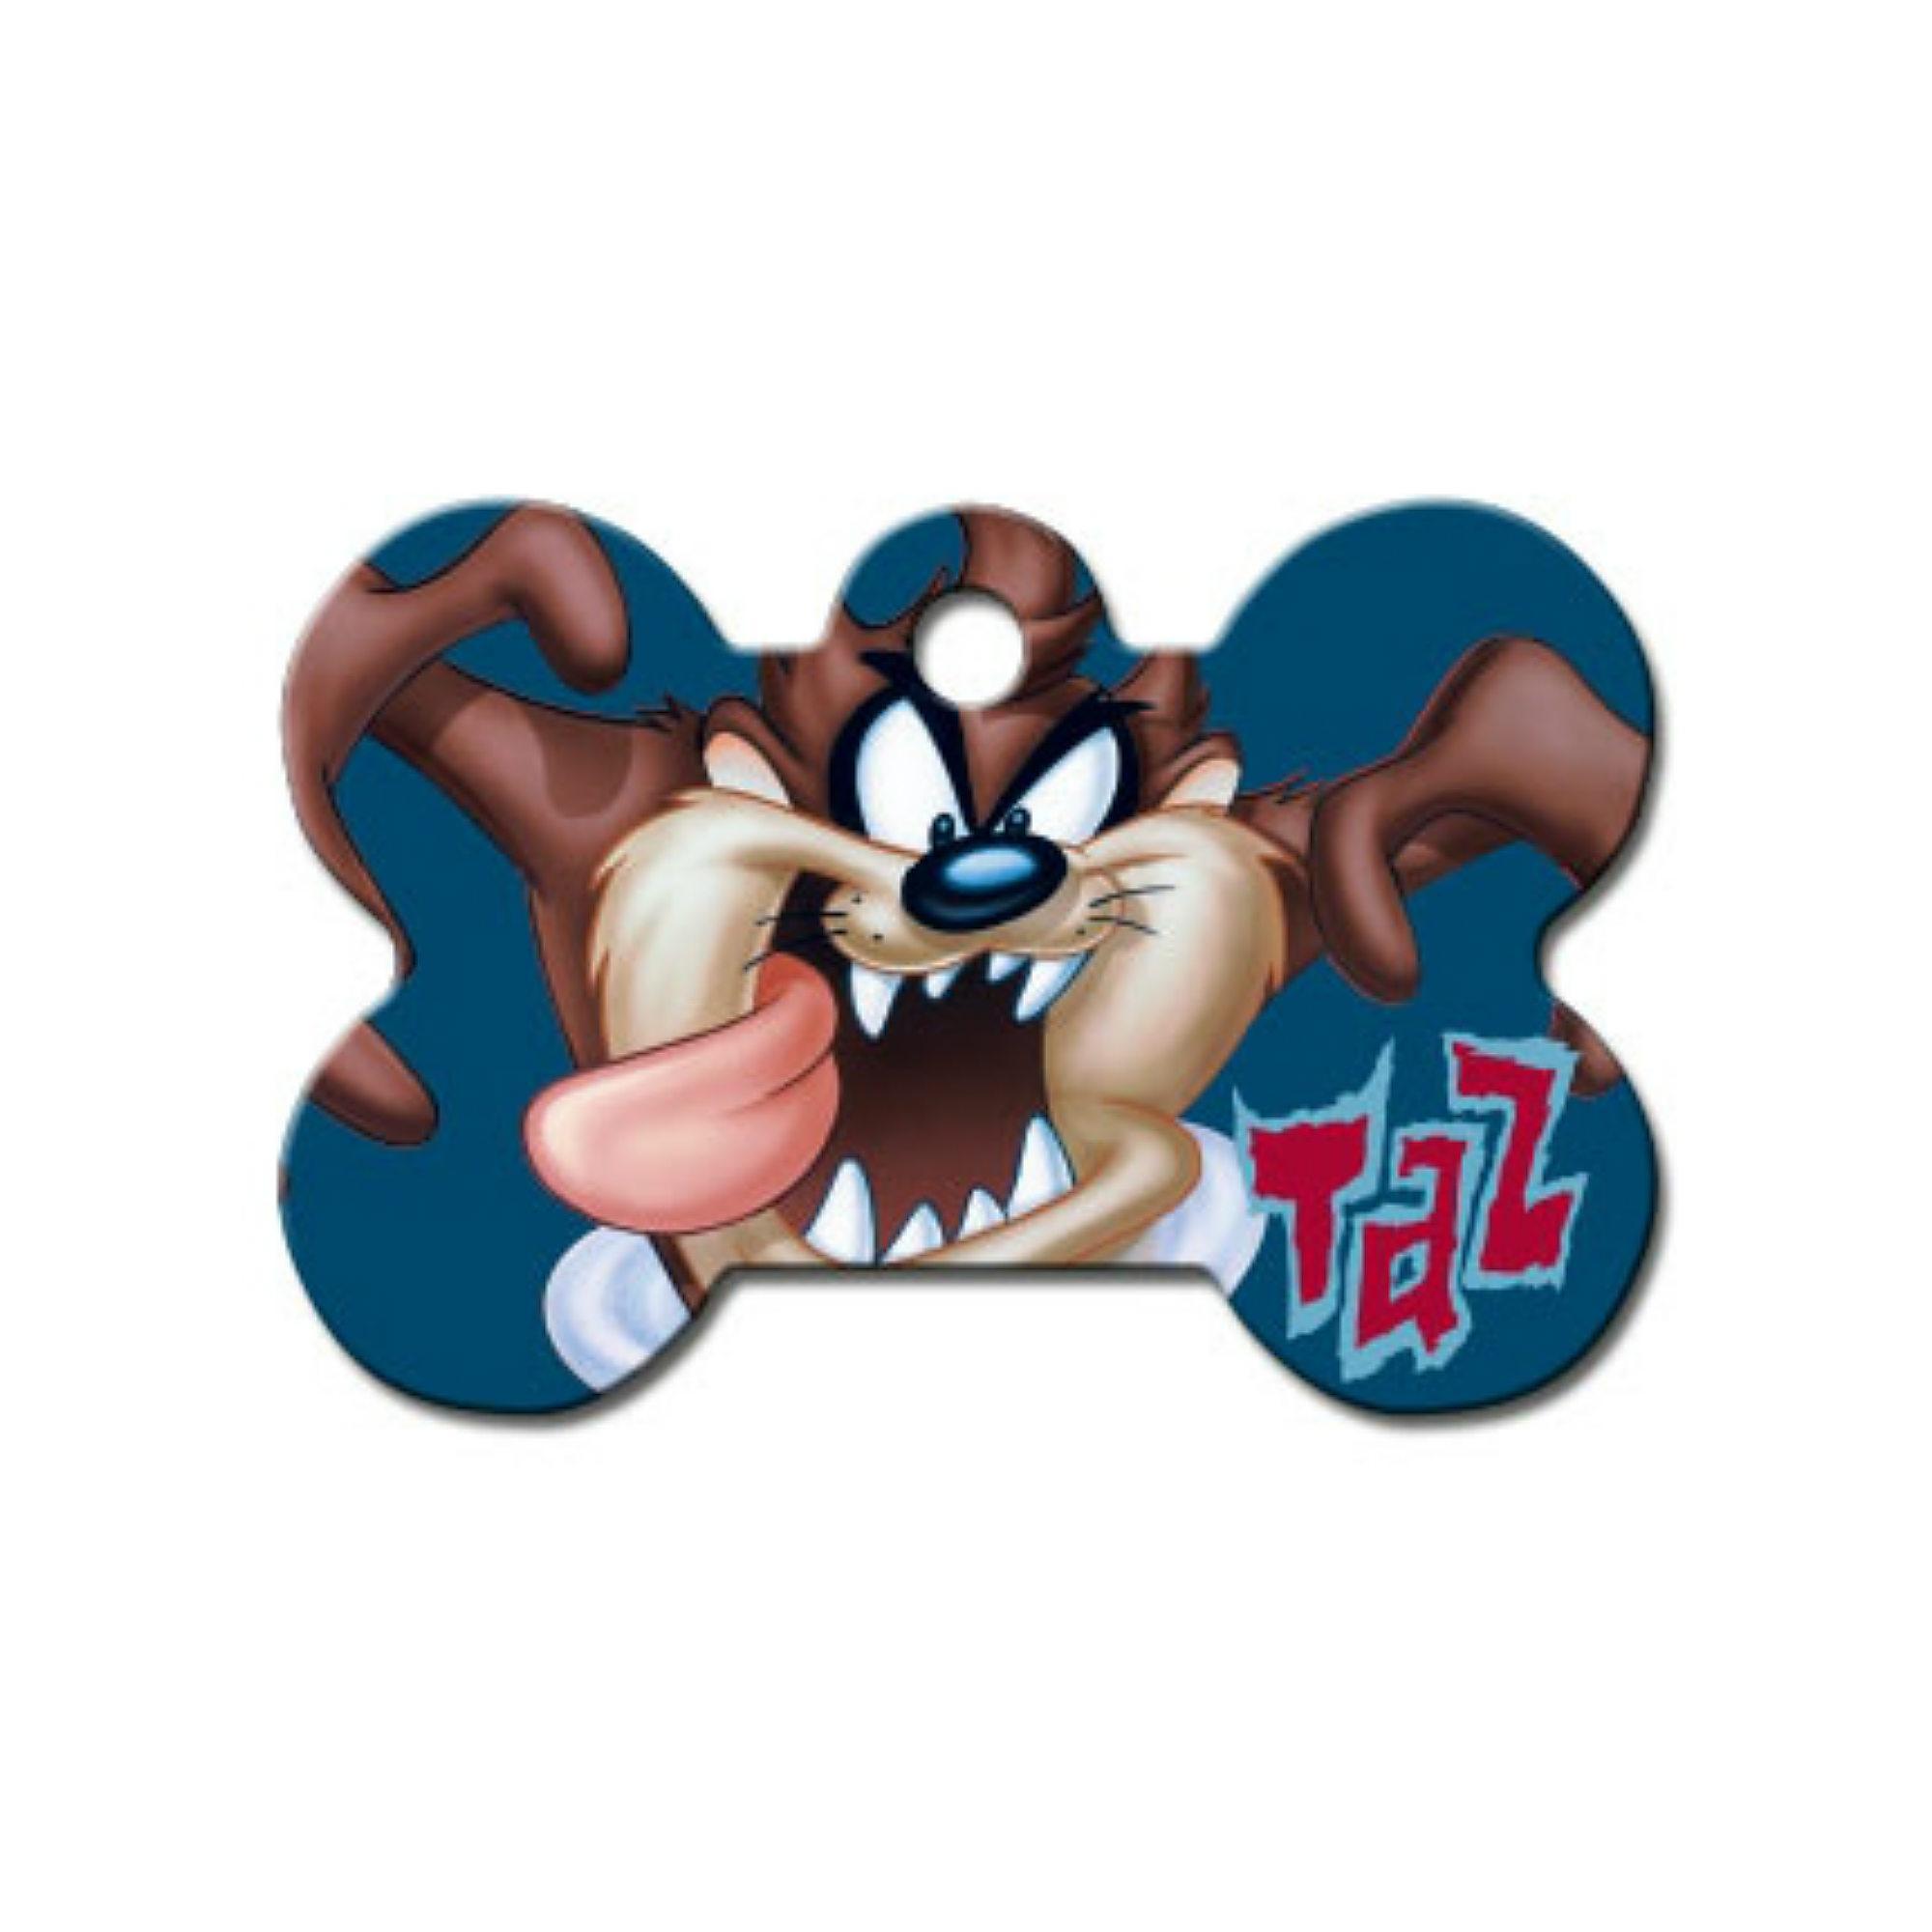 Taz Bone Large Engravable Pet I.D. Tag